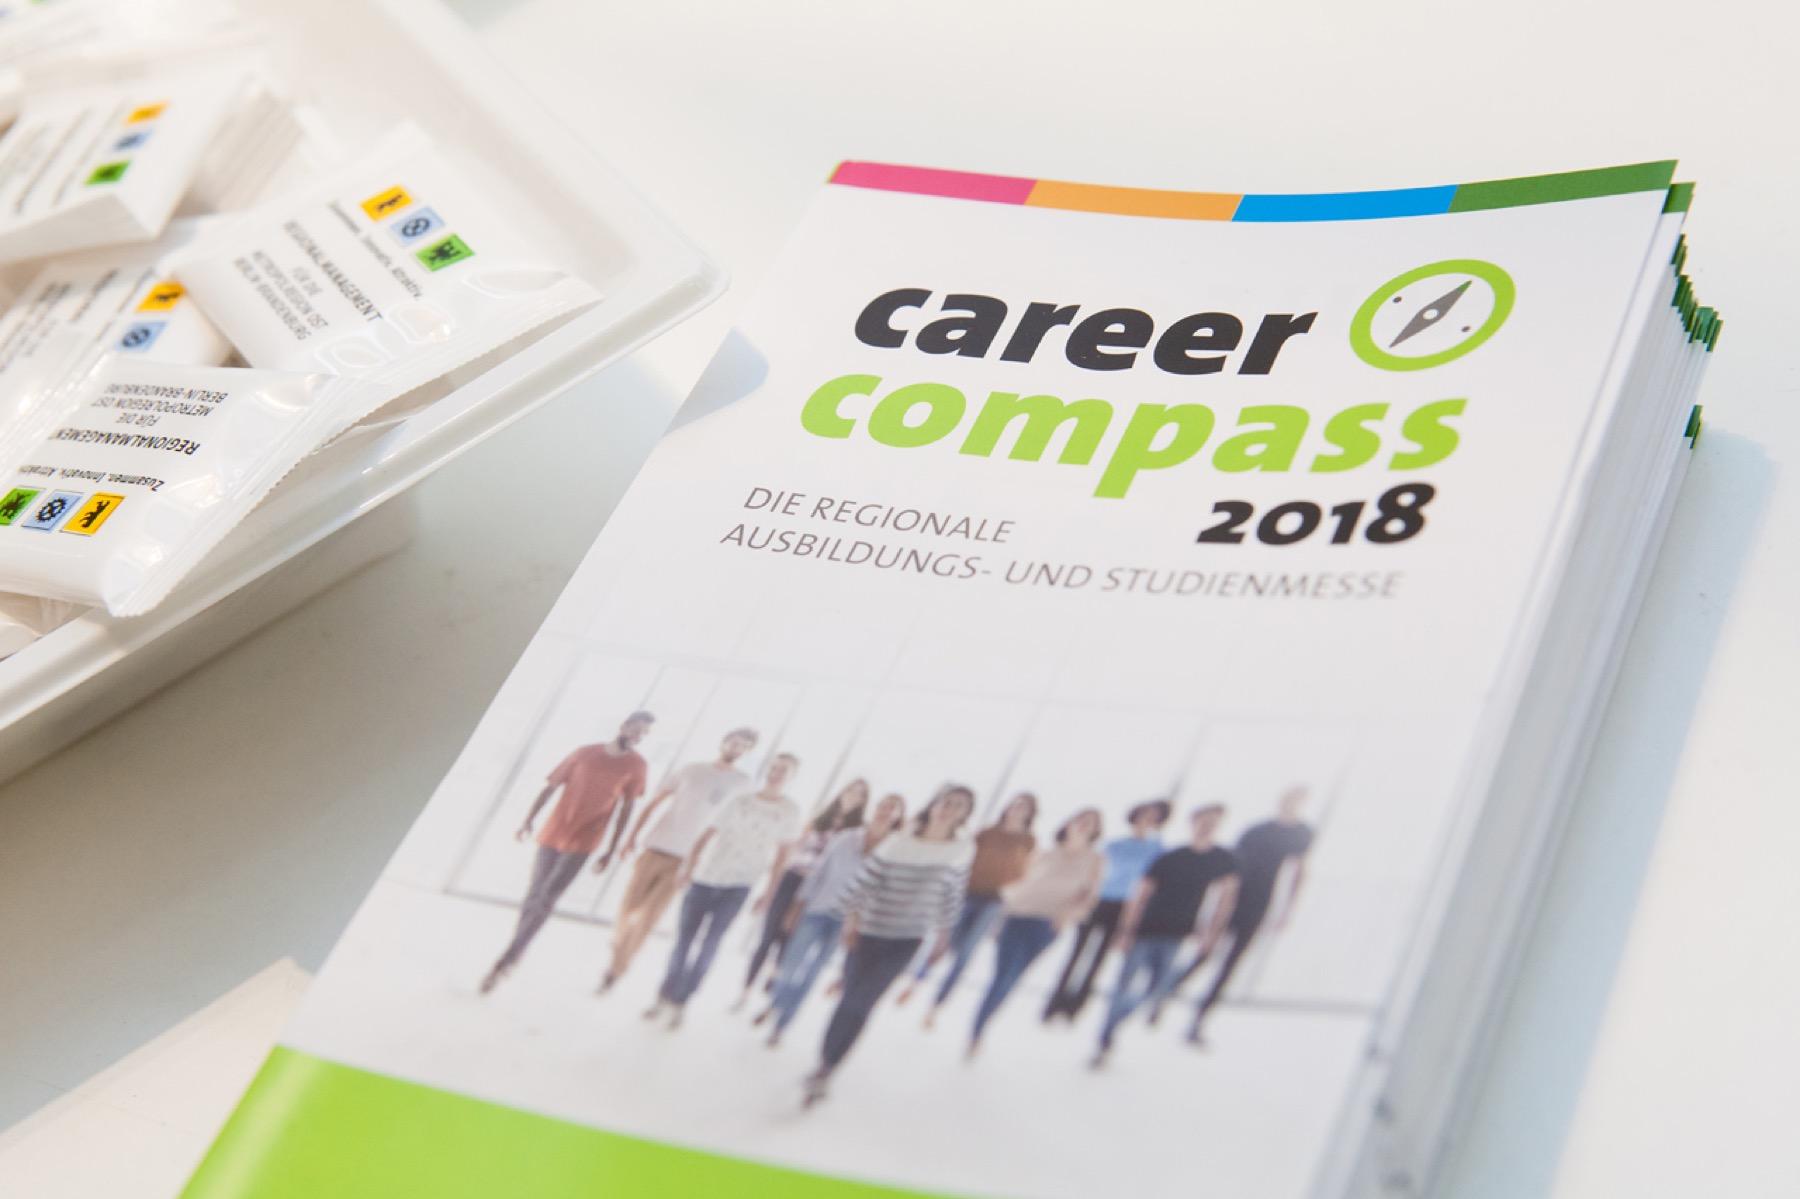 Die erste Ausbildungs- und Studienmesse der Metropol Region Ost am 09.03. und 10.03.2018 iCareer Compass 2018 Ausbildungs- und Studienmesse zukünftigen Ausbildungsbetrieb geknüpft.